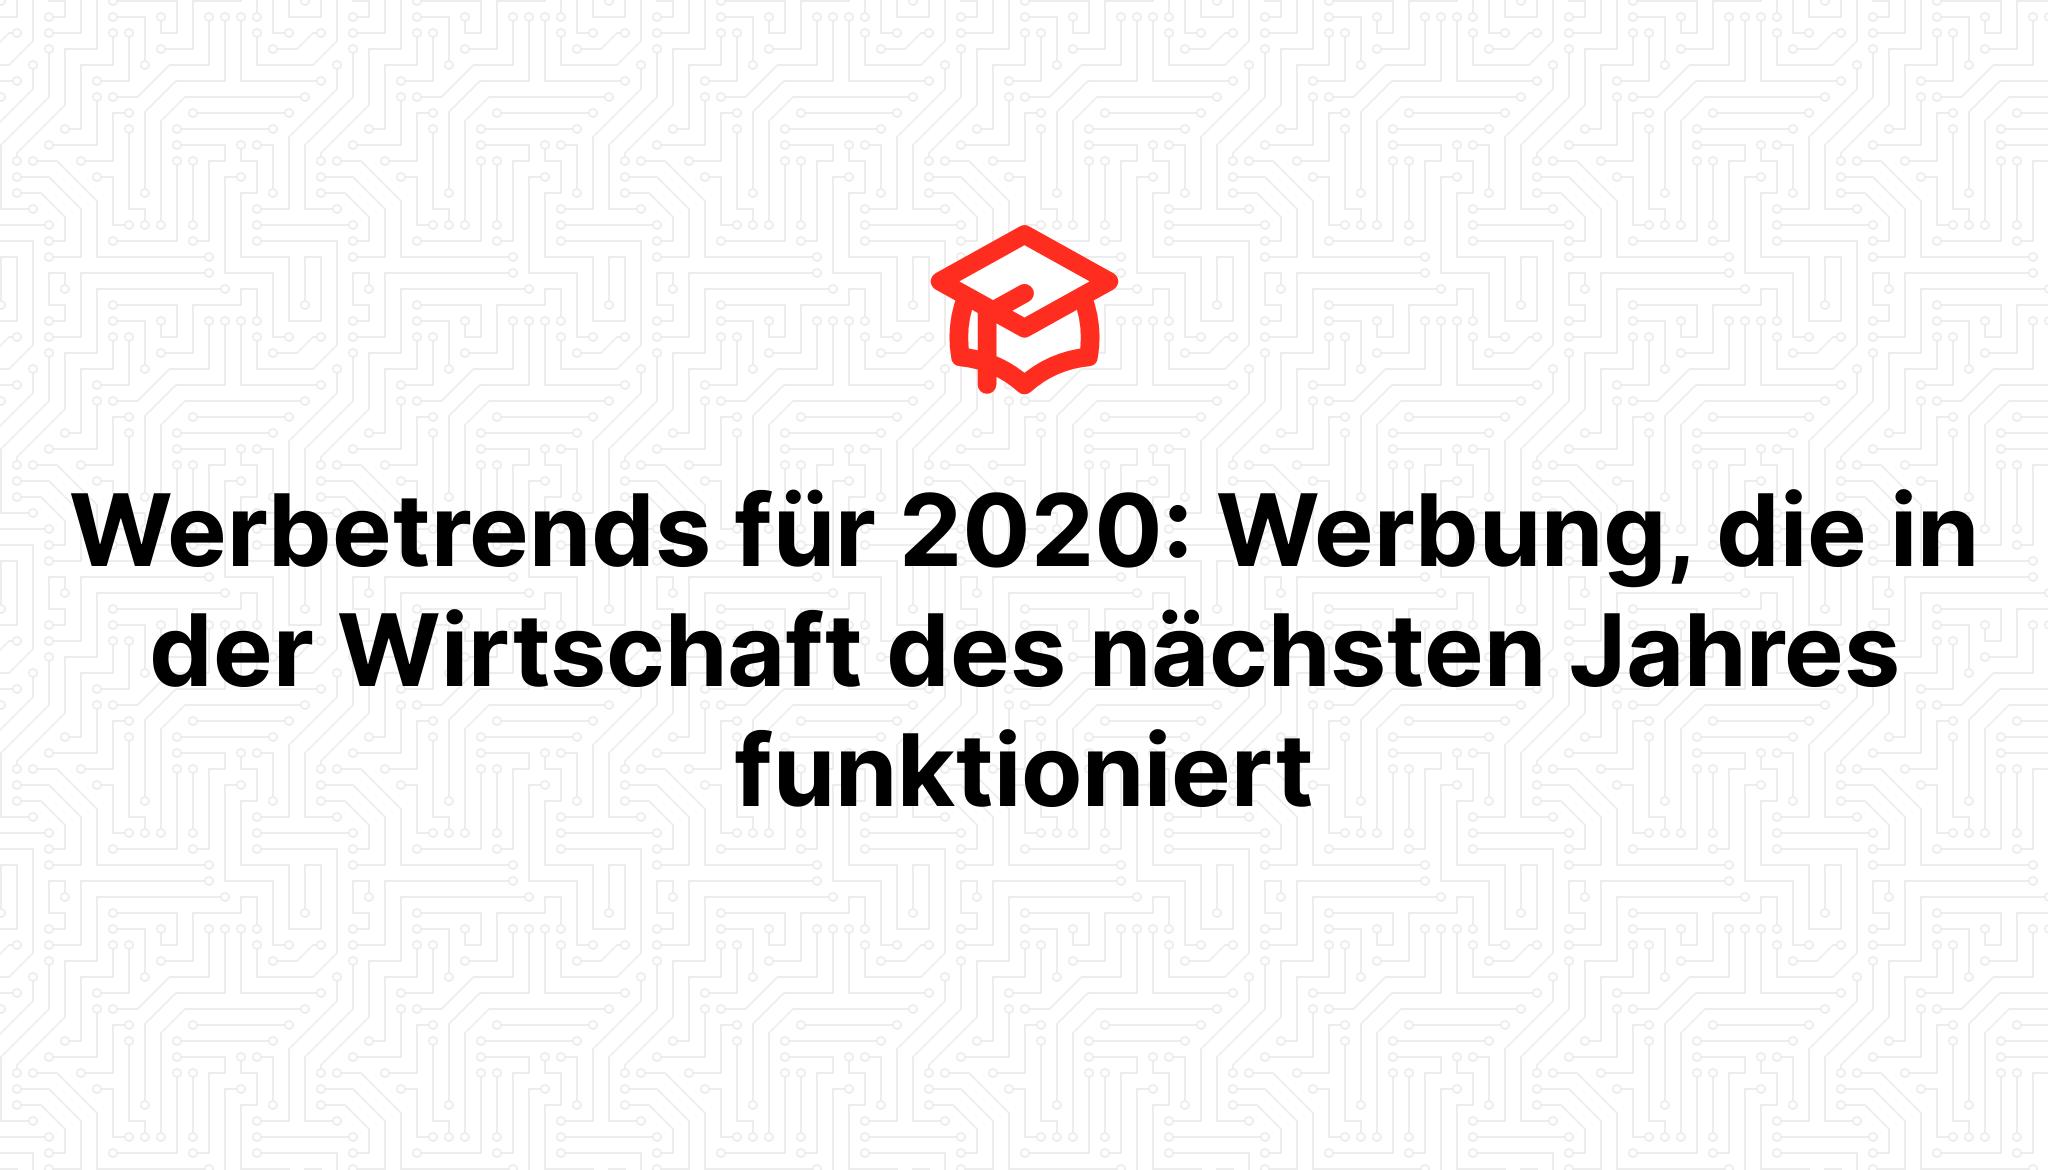 Werbetrends für 2020: Werbung, die in der Wirtschaft des nächsten Jahres funktioniert